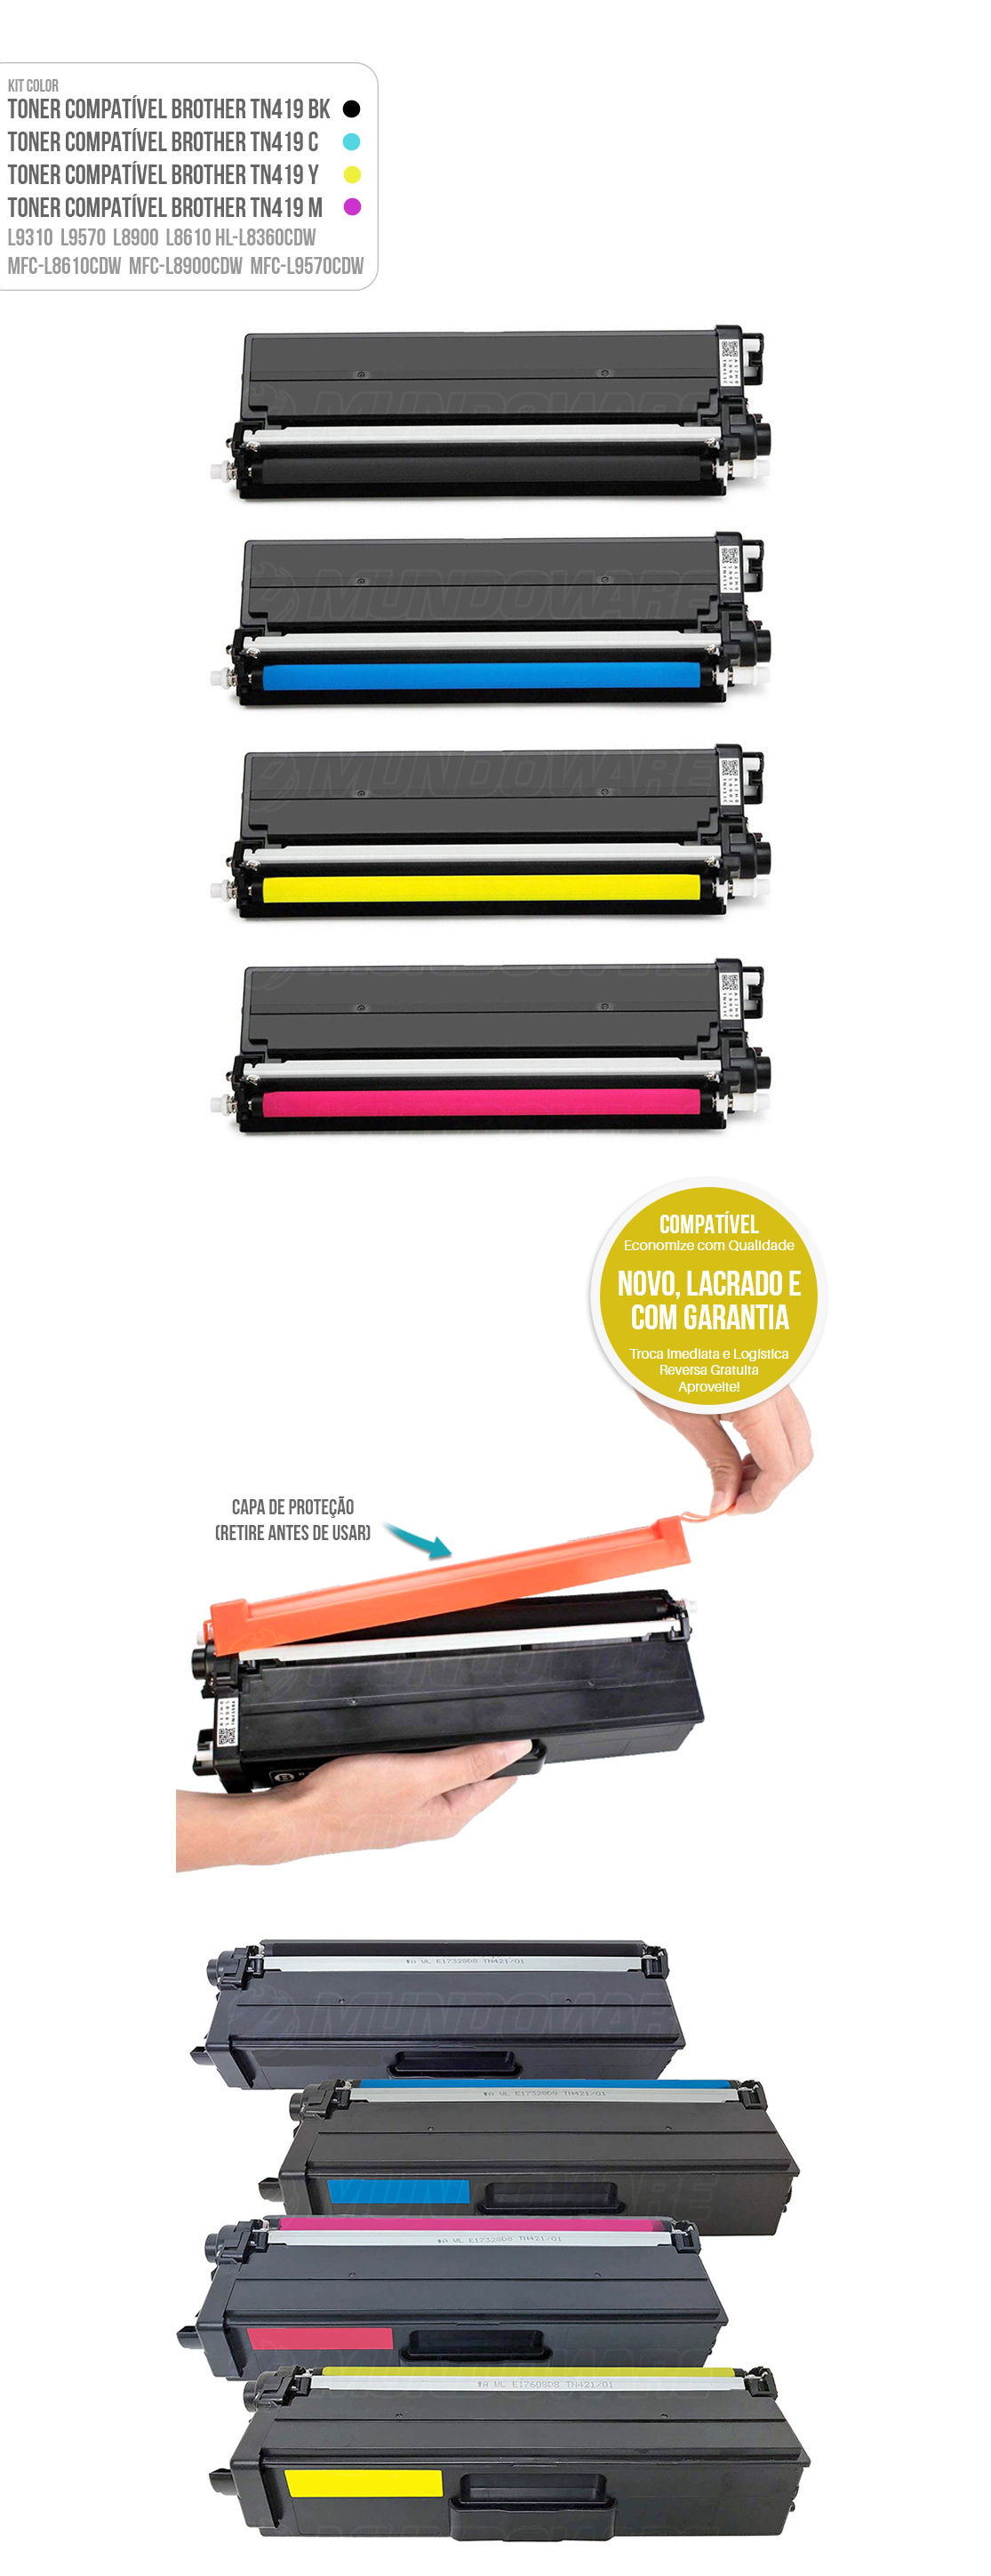 Kit 4 Cores de Toner Compatível com TN419 para impressora Brother HL-L8360CDW MFC-L8610CDW L8900CDW L9570CDW L8360 L8610 L8900